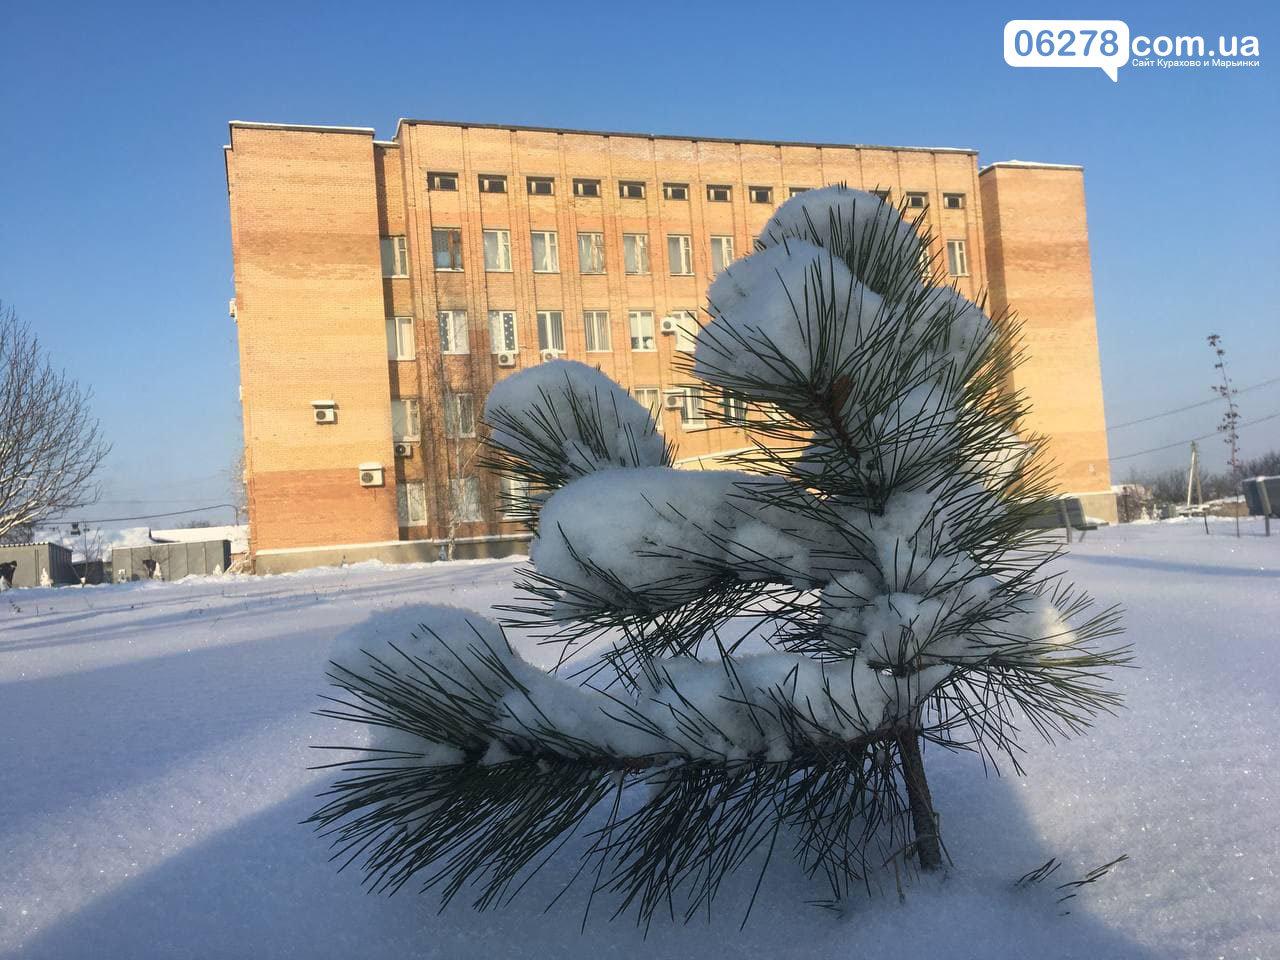 Зима в Марьинке 18 января, Сайт Марьинки и Курахово